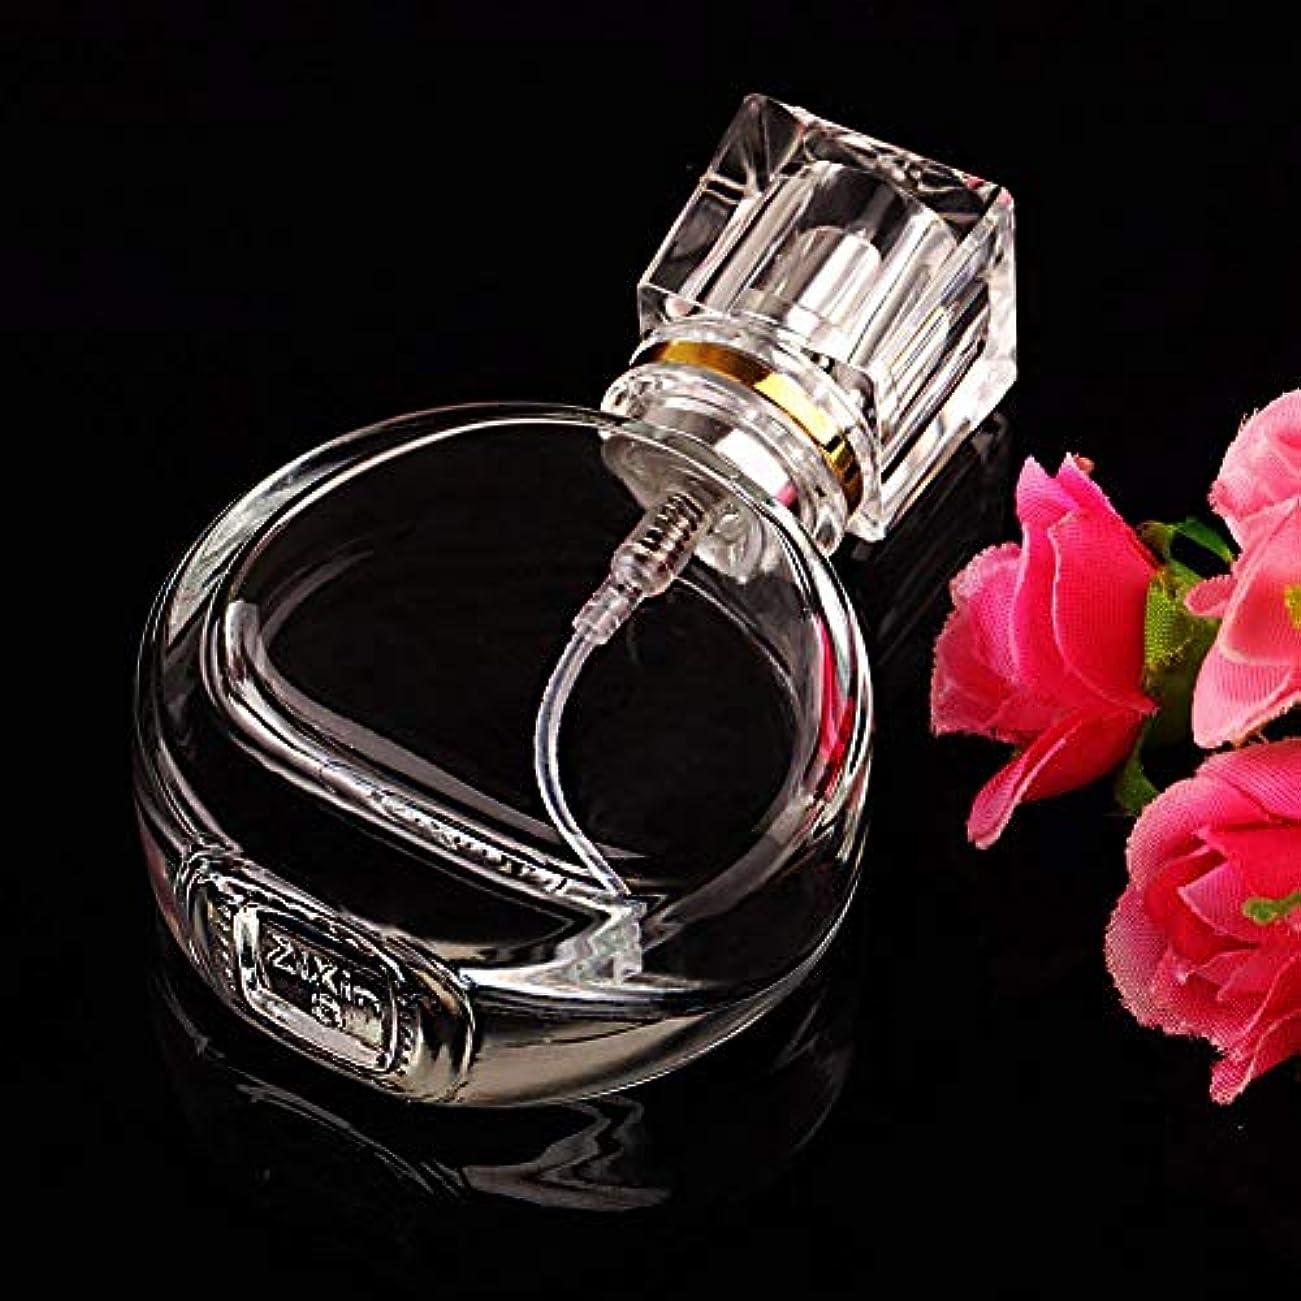 保証金予定曇ったVERY100 高品質ガラスボトル 香水瓶  アトマイザー  25ML 透明 シンプルデザイン ホーム飾り 装飾雑貨